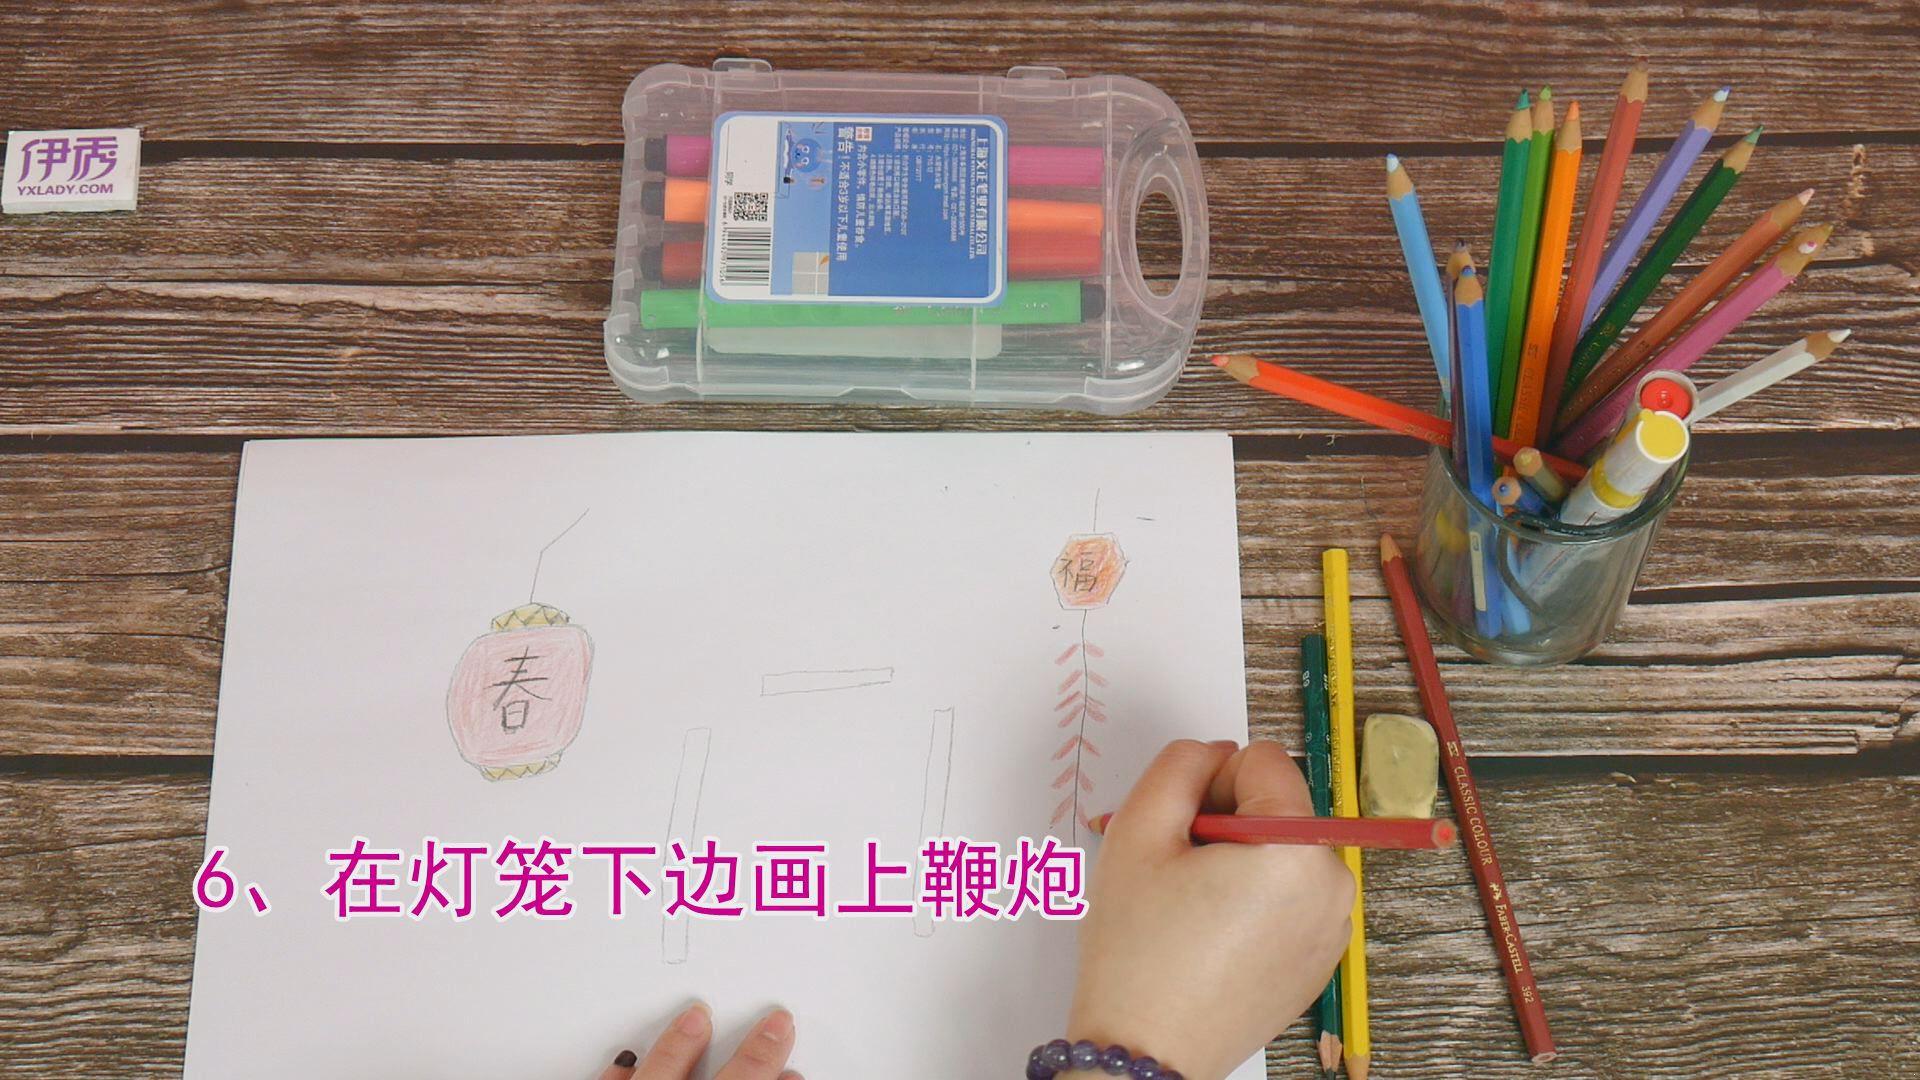 关于春节的画 简单又漂亮的画